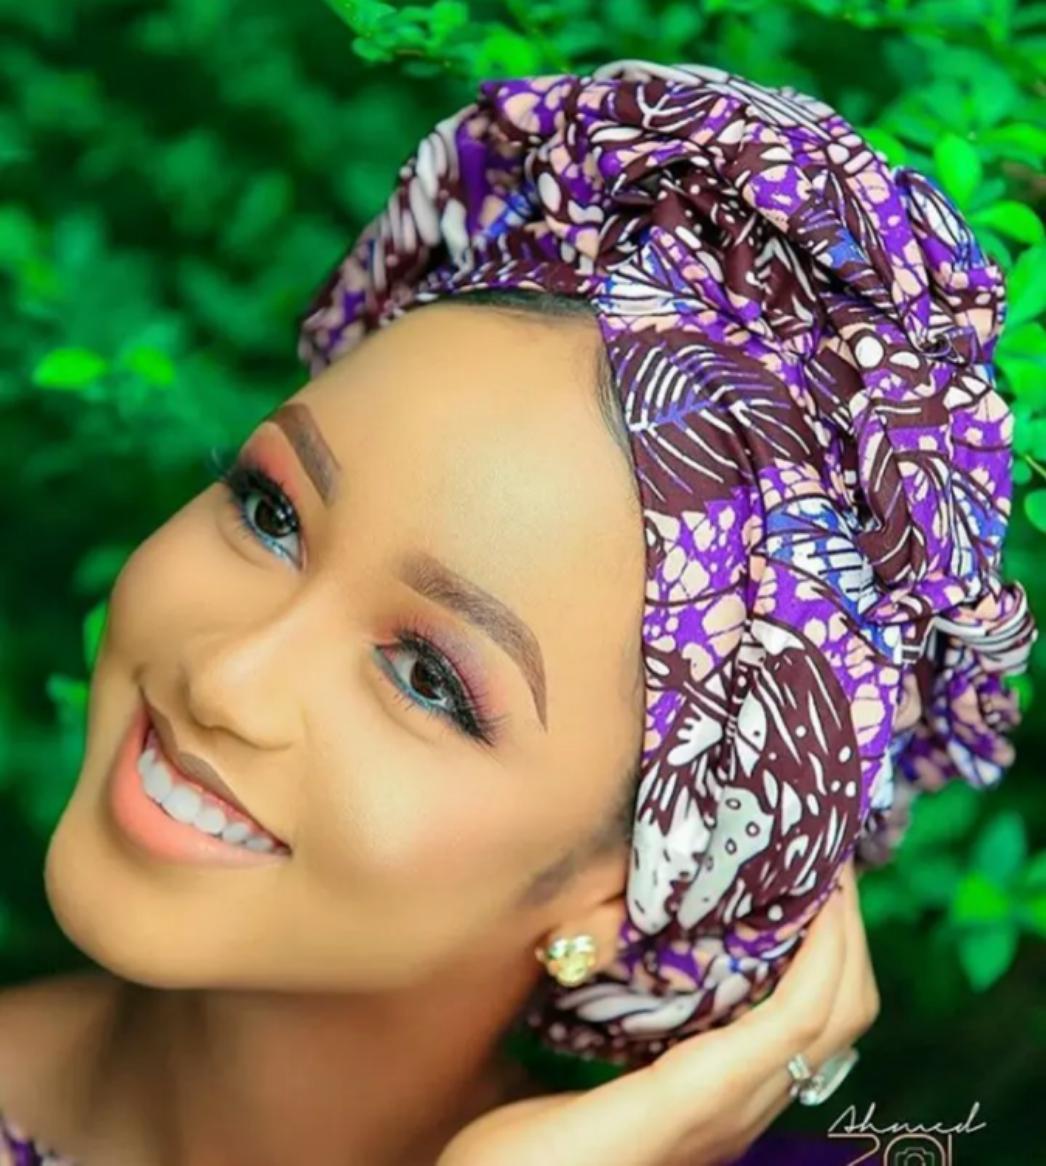 YAR BAIWAH Hausa Novels